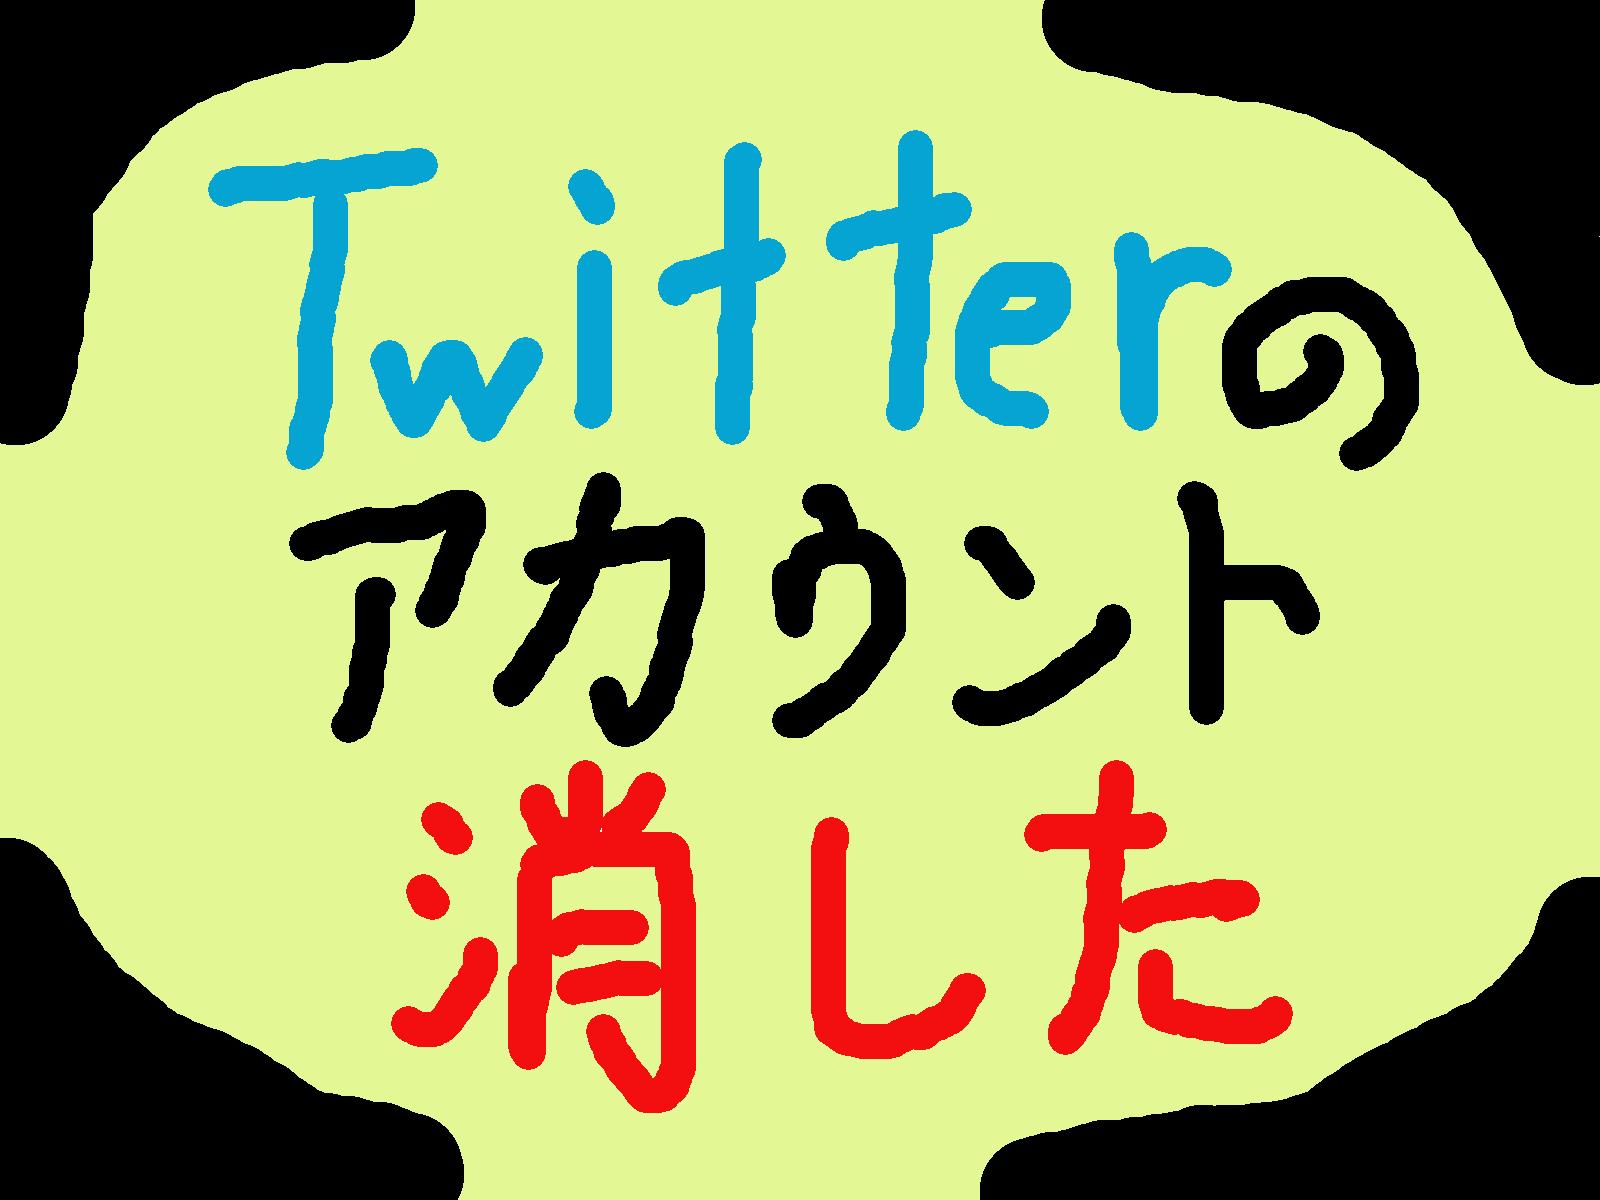 f:id:Yusagi_TourerV:20190829002027p:plain